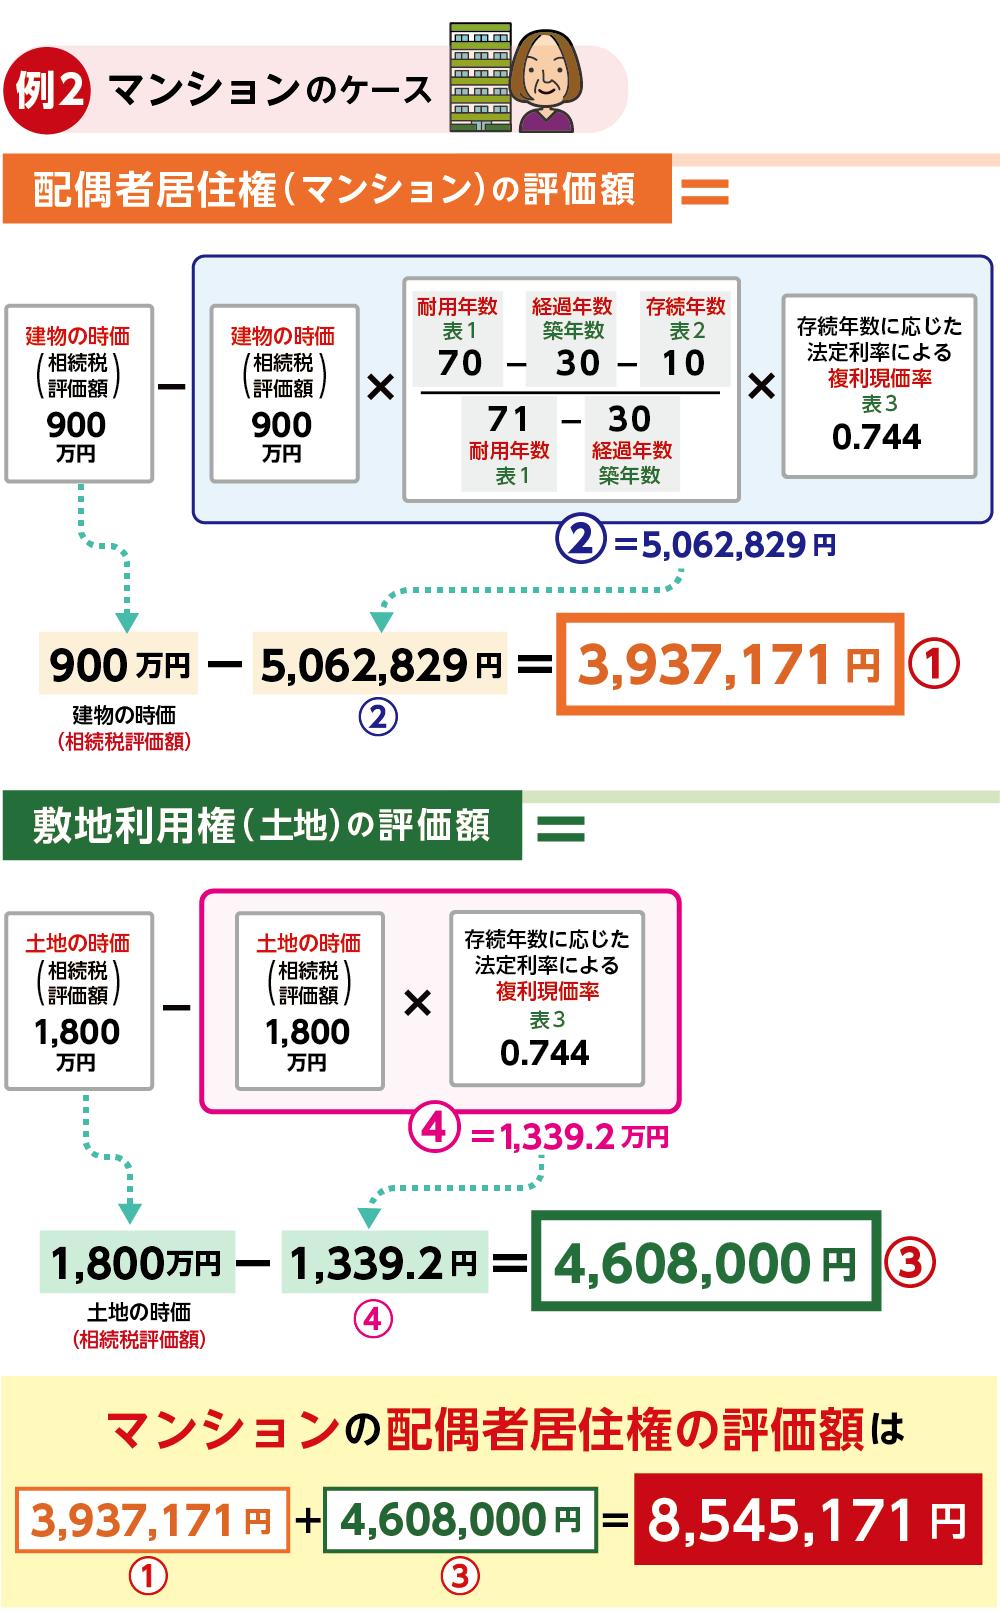 額 相続 評価 の 土地 税 相続税路線価を使った土地の評価額を計算する方法!画像付きスッキリ解説